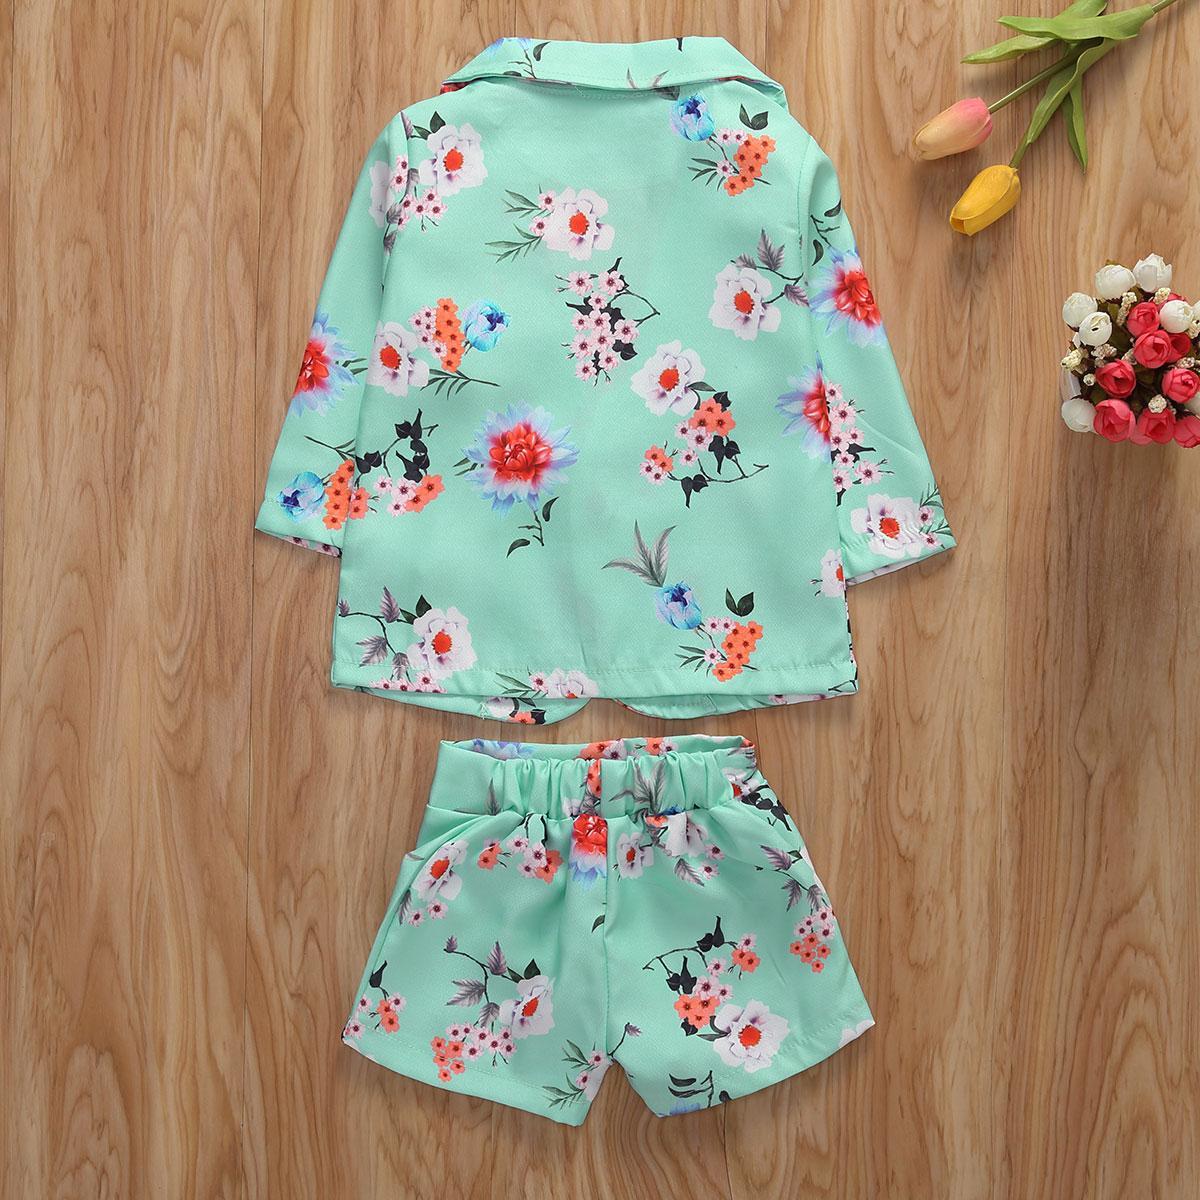 1-5Y Mode Kinder Kleidung Sets Mädchen Blumenmantel + Shorts Zweiteiliger Anzug Kid Anzug Mädchen Kleidung Sets